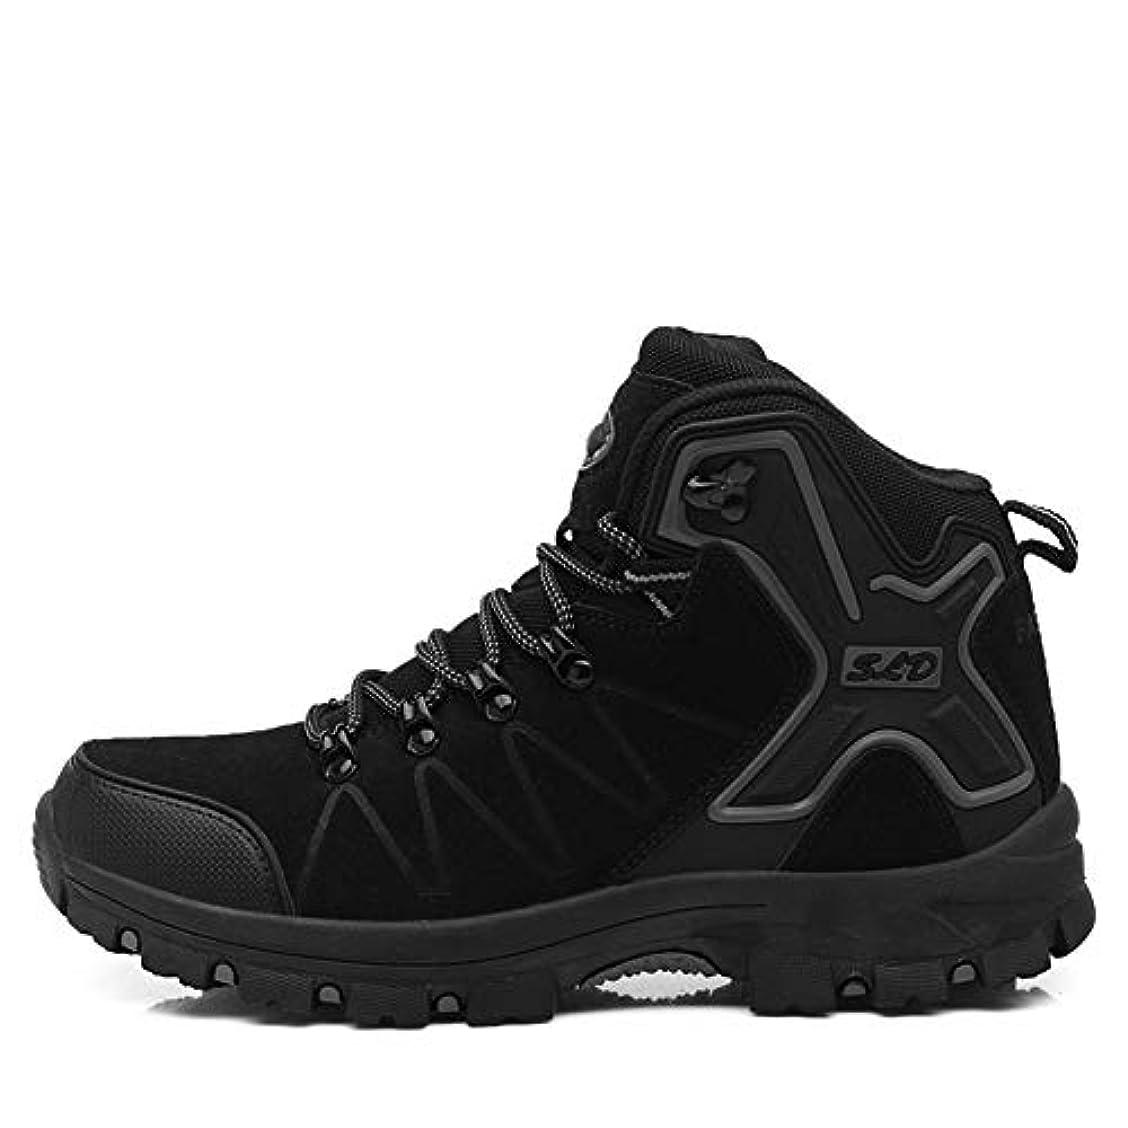 フォアマン助言する取り扱い[TcIFE] トレッキングシューズ メンズ 防水 防滑 ハイカット 登山靴 大きいサイズ ハイキングシューズ メンズ 耐磨耗 ハイキングシューズ メンズ 通気性 スニーカー